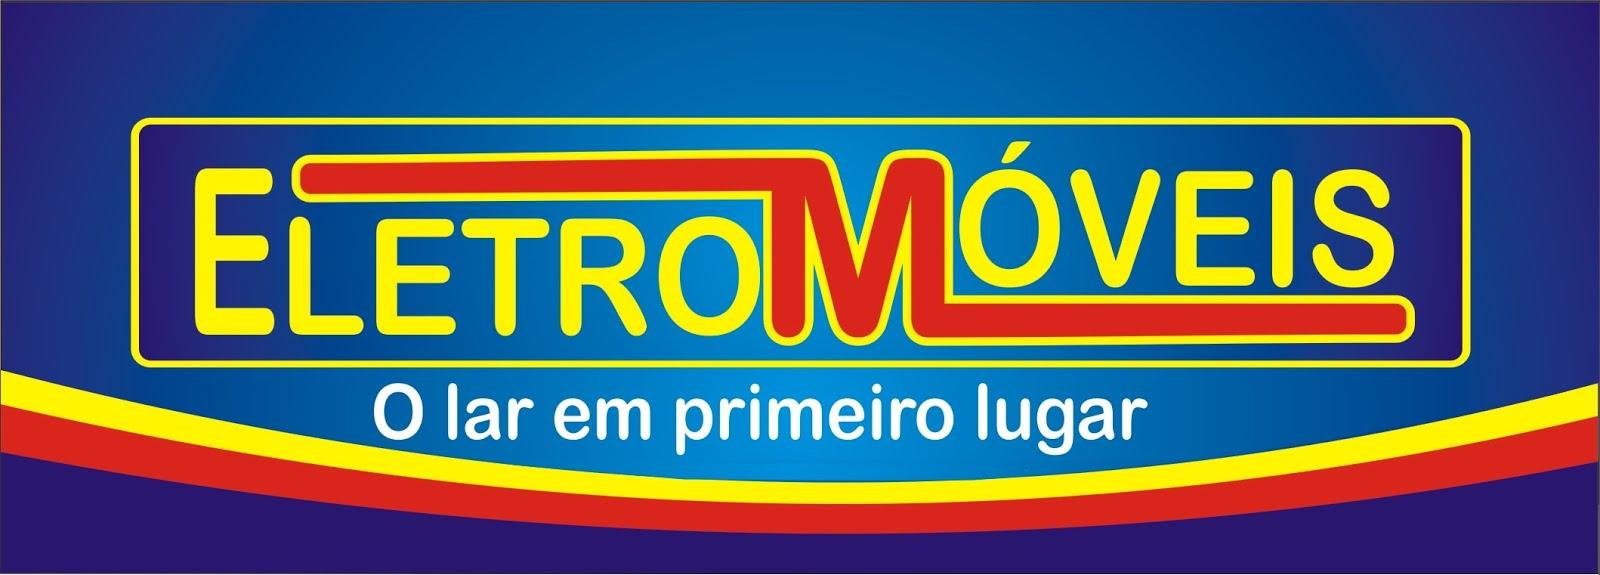 Eeletromóveis - Av. Rio Branco - Pedreiras-MA